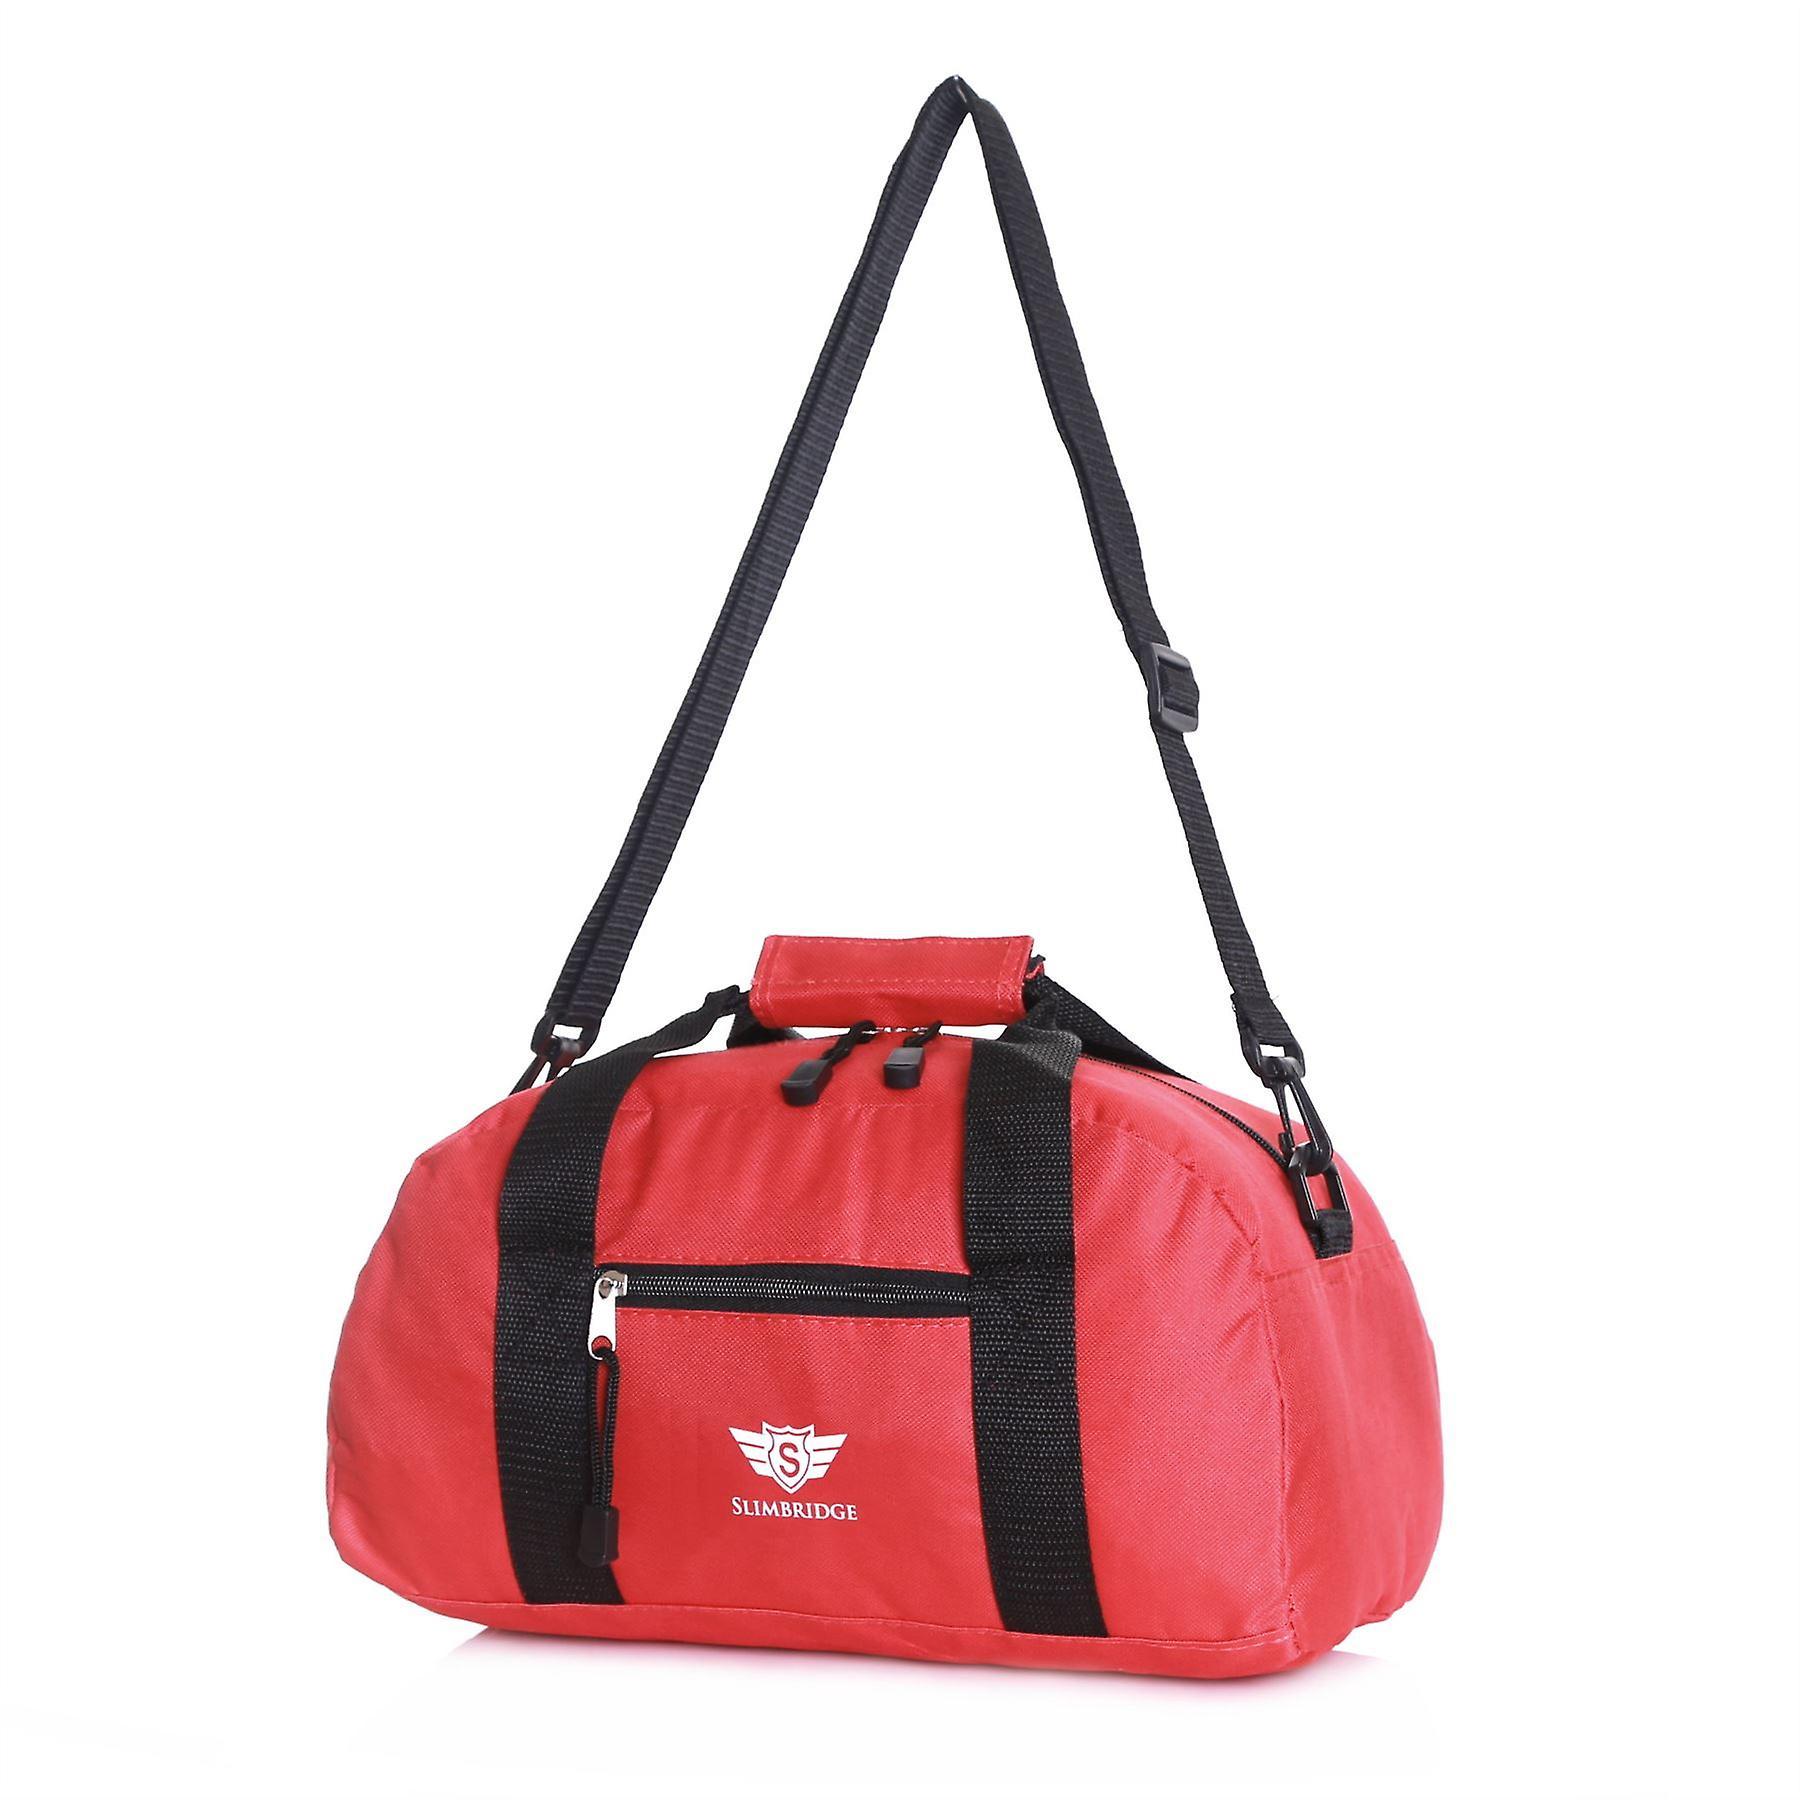 Slimbridge Elgin Small Ryanair Cabin Bag, Red